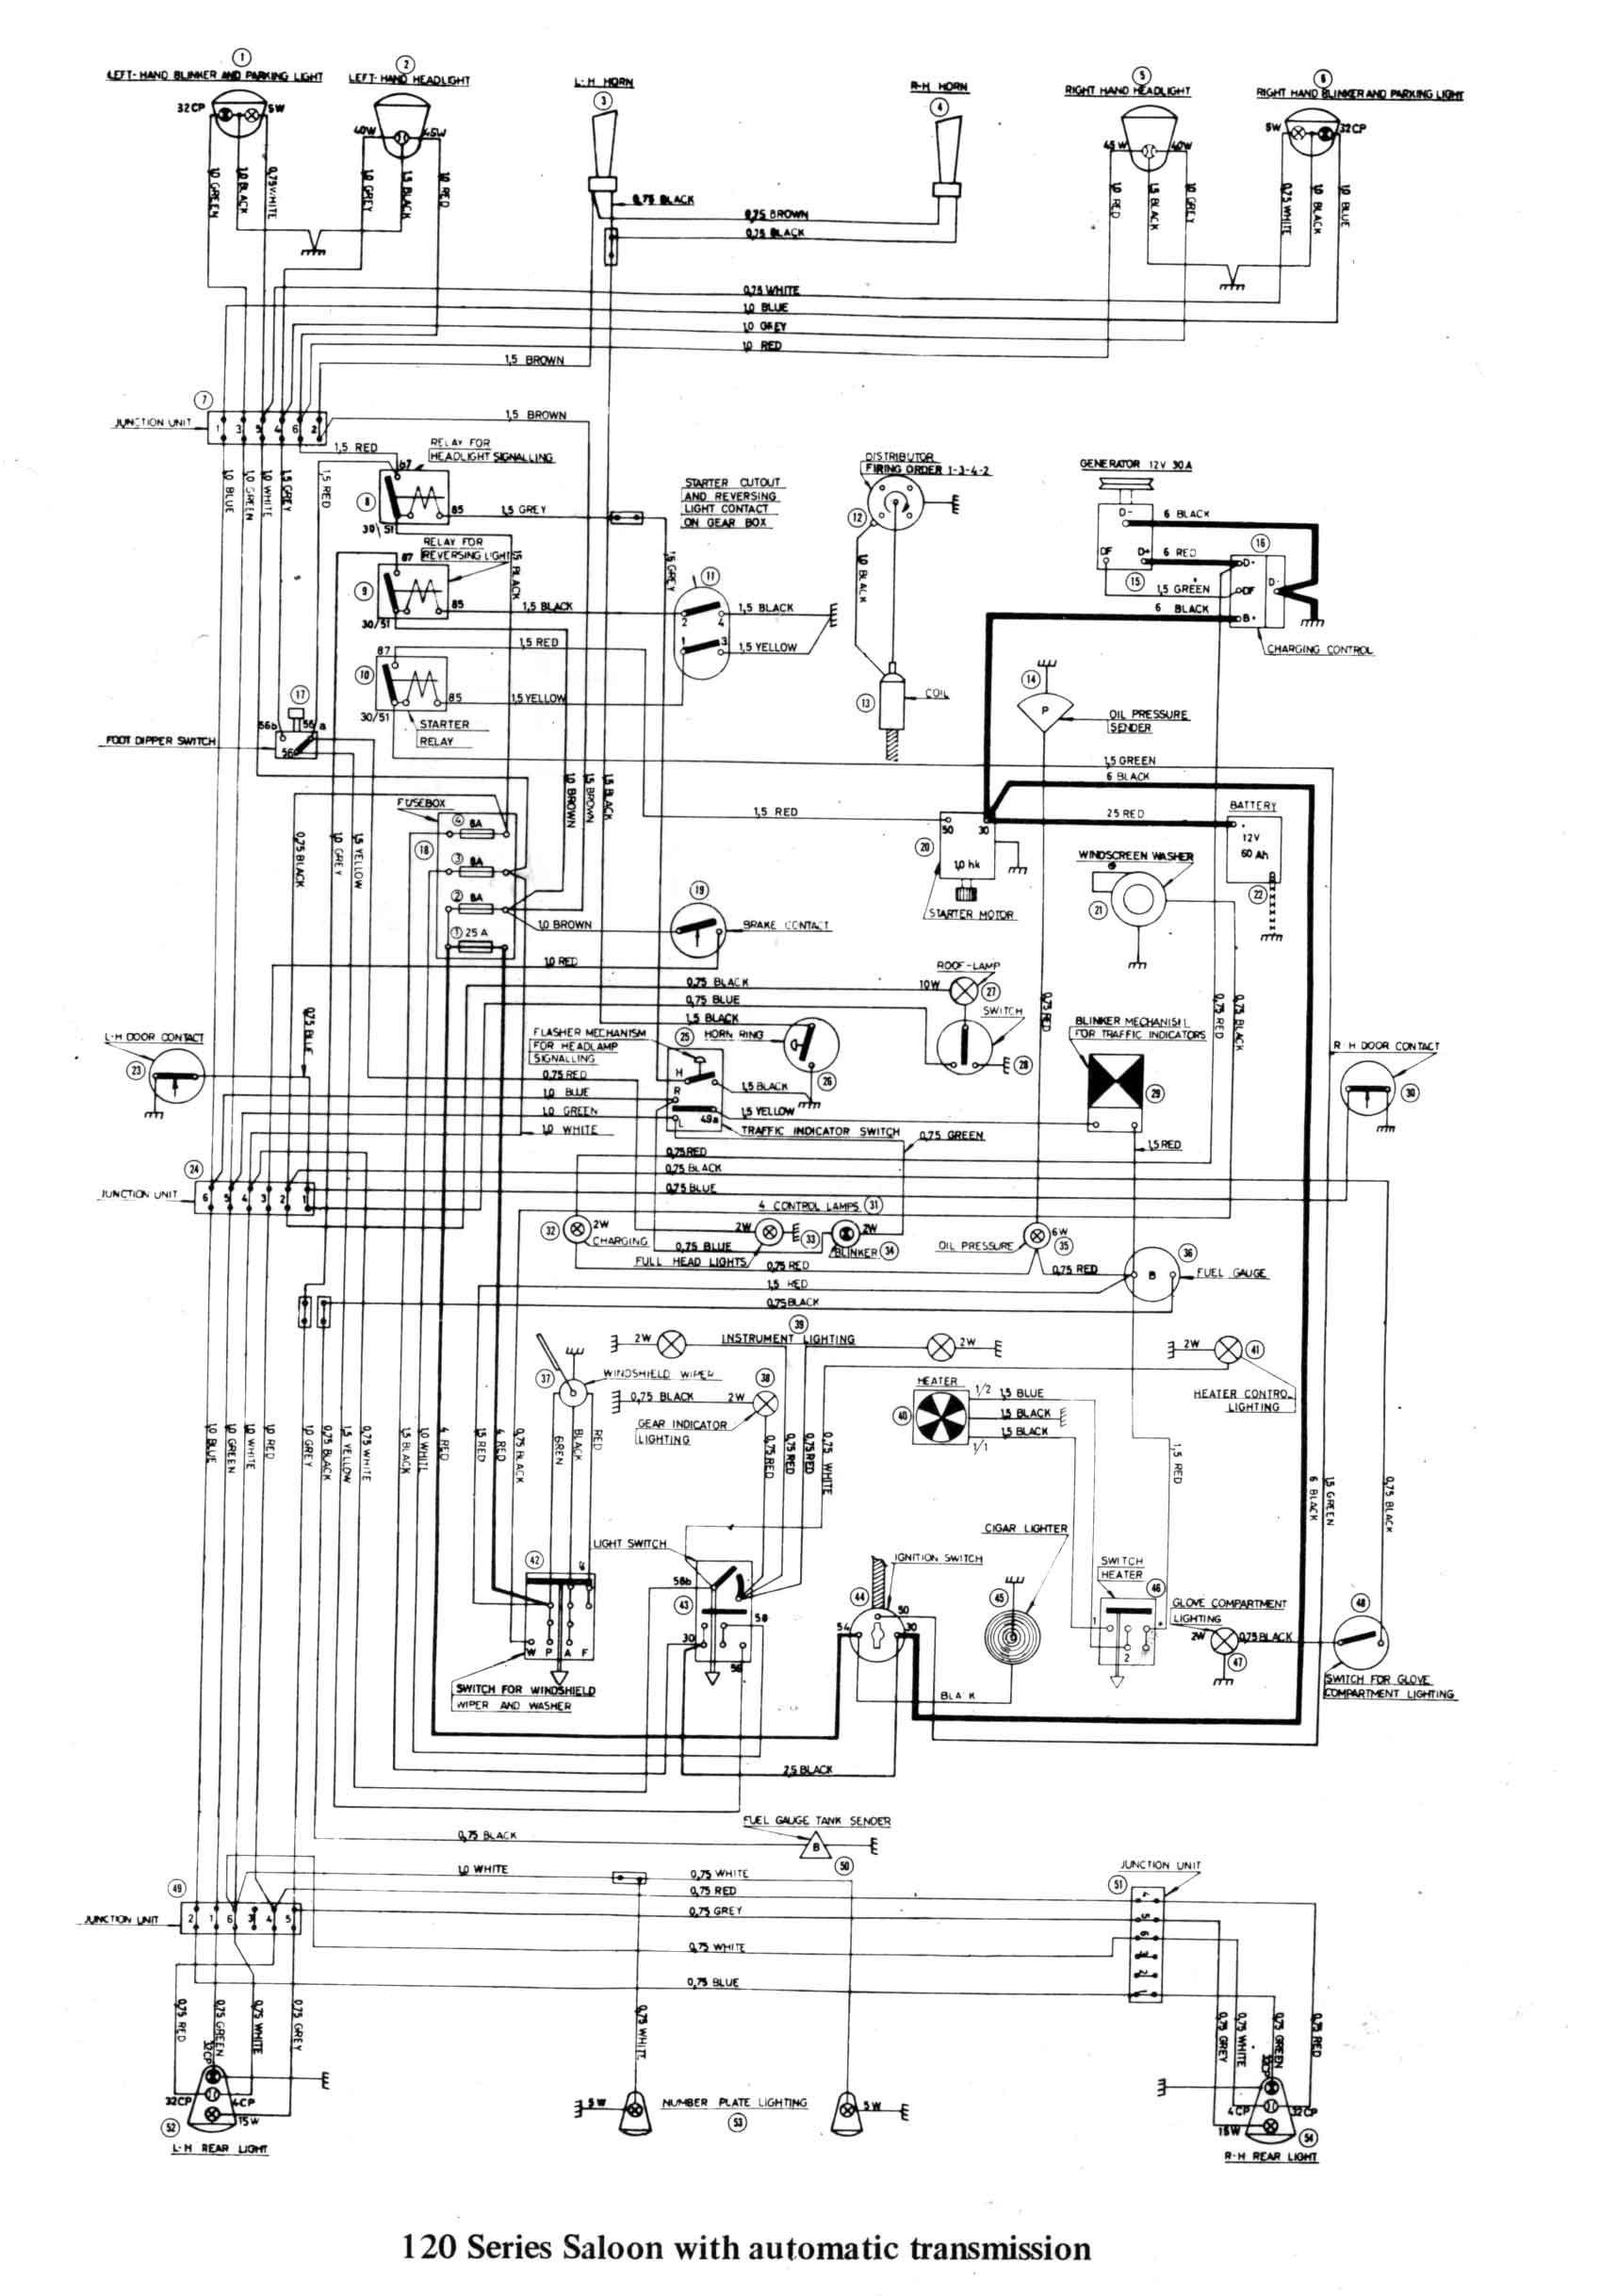 turn signal wiring diagram turn signal wiring diagram new sw em od rh detoxicrecenze com VW Turn Signal Wiring Diagram Turn Signal Flasher Wiring-Diagram